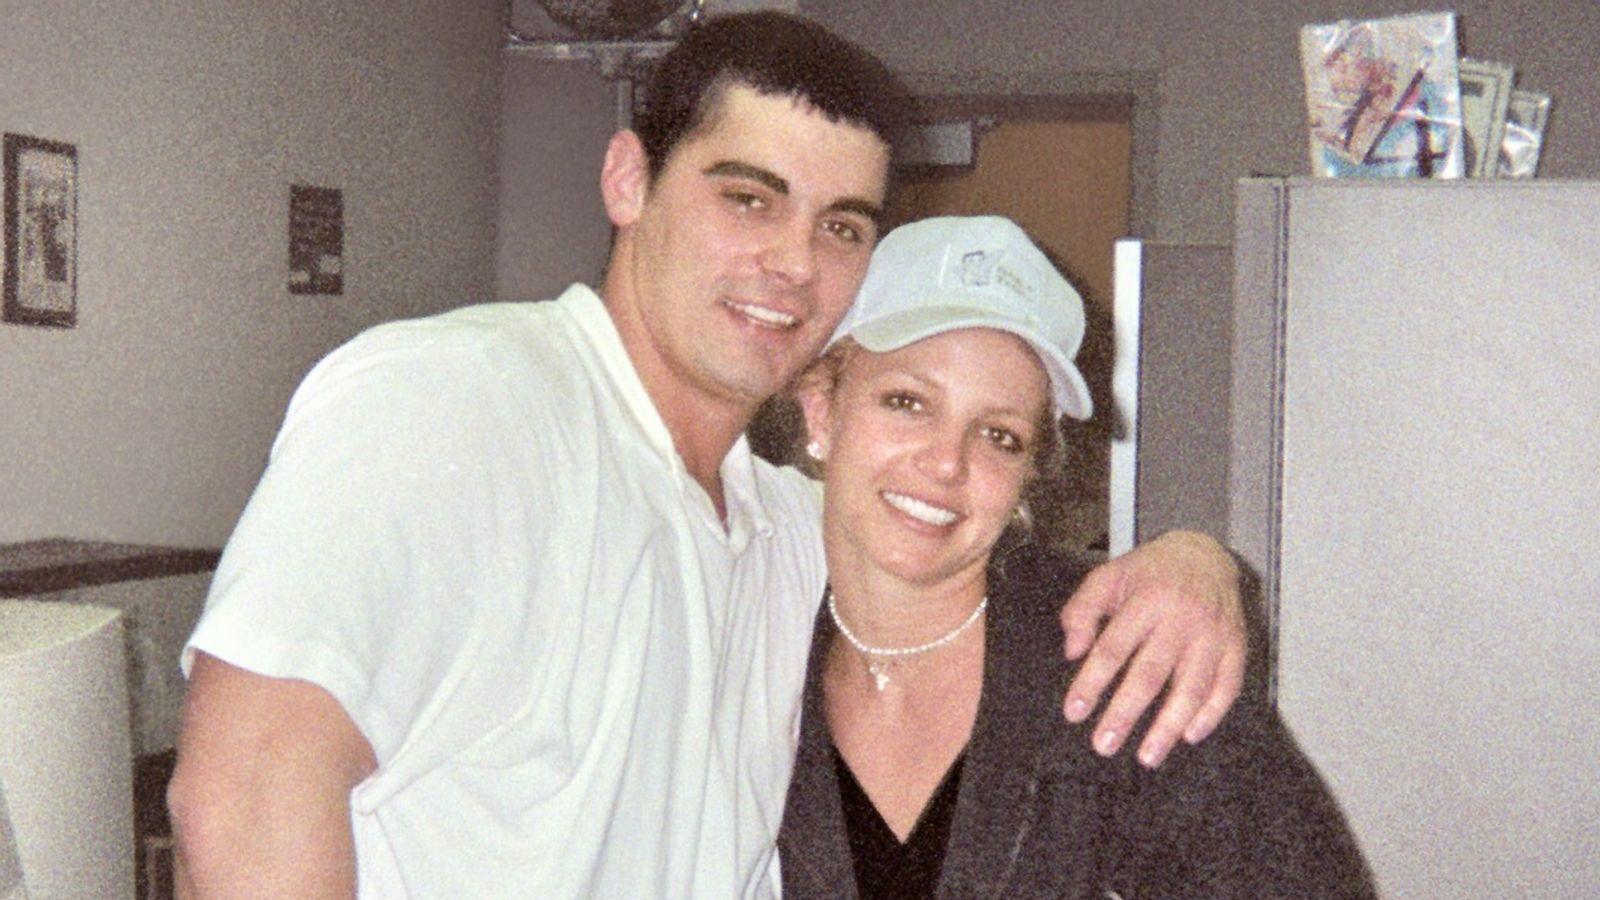 El primer marido de Britney Spears participó en la toma del Capitolio de Estados Unidos